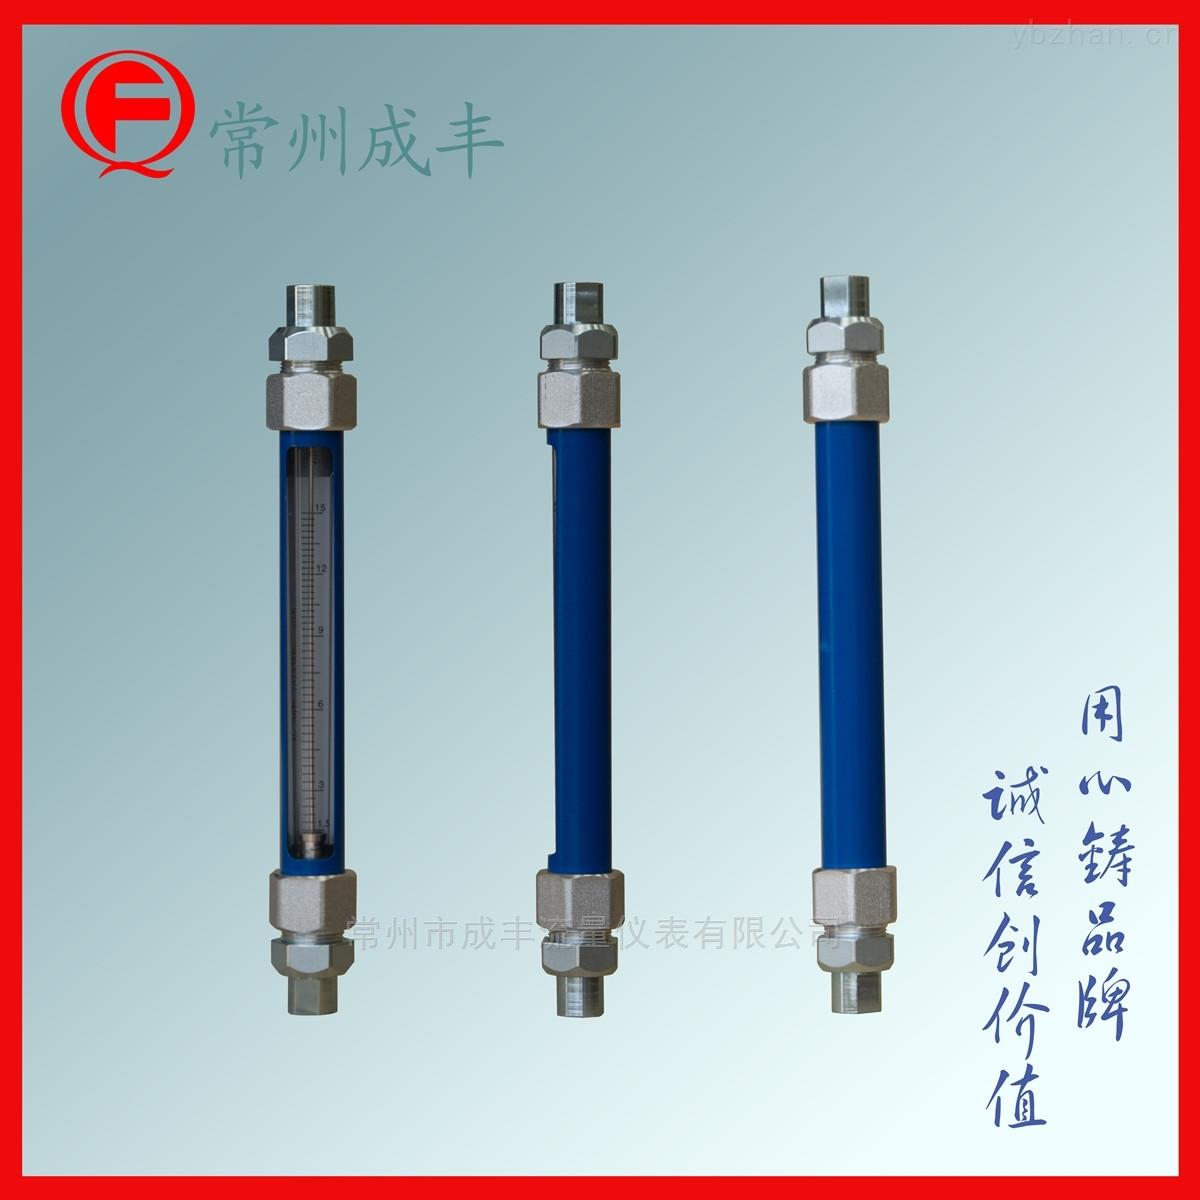 厂家直销引进型高精度的玻璃转子流量计